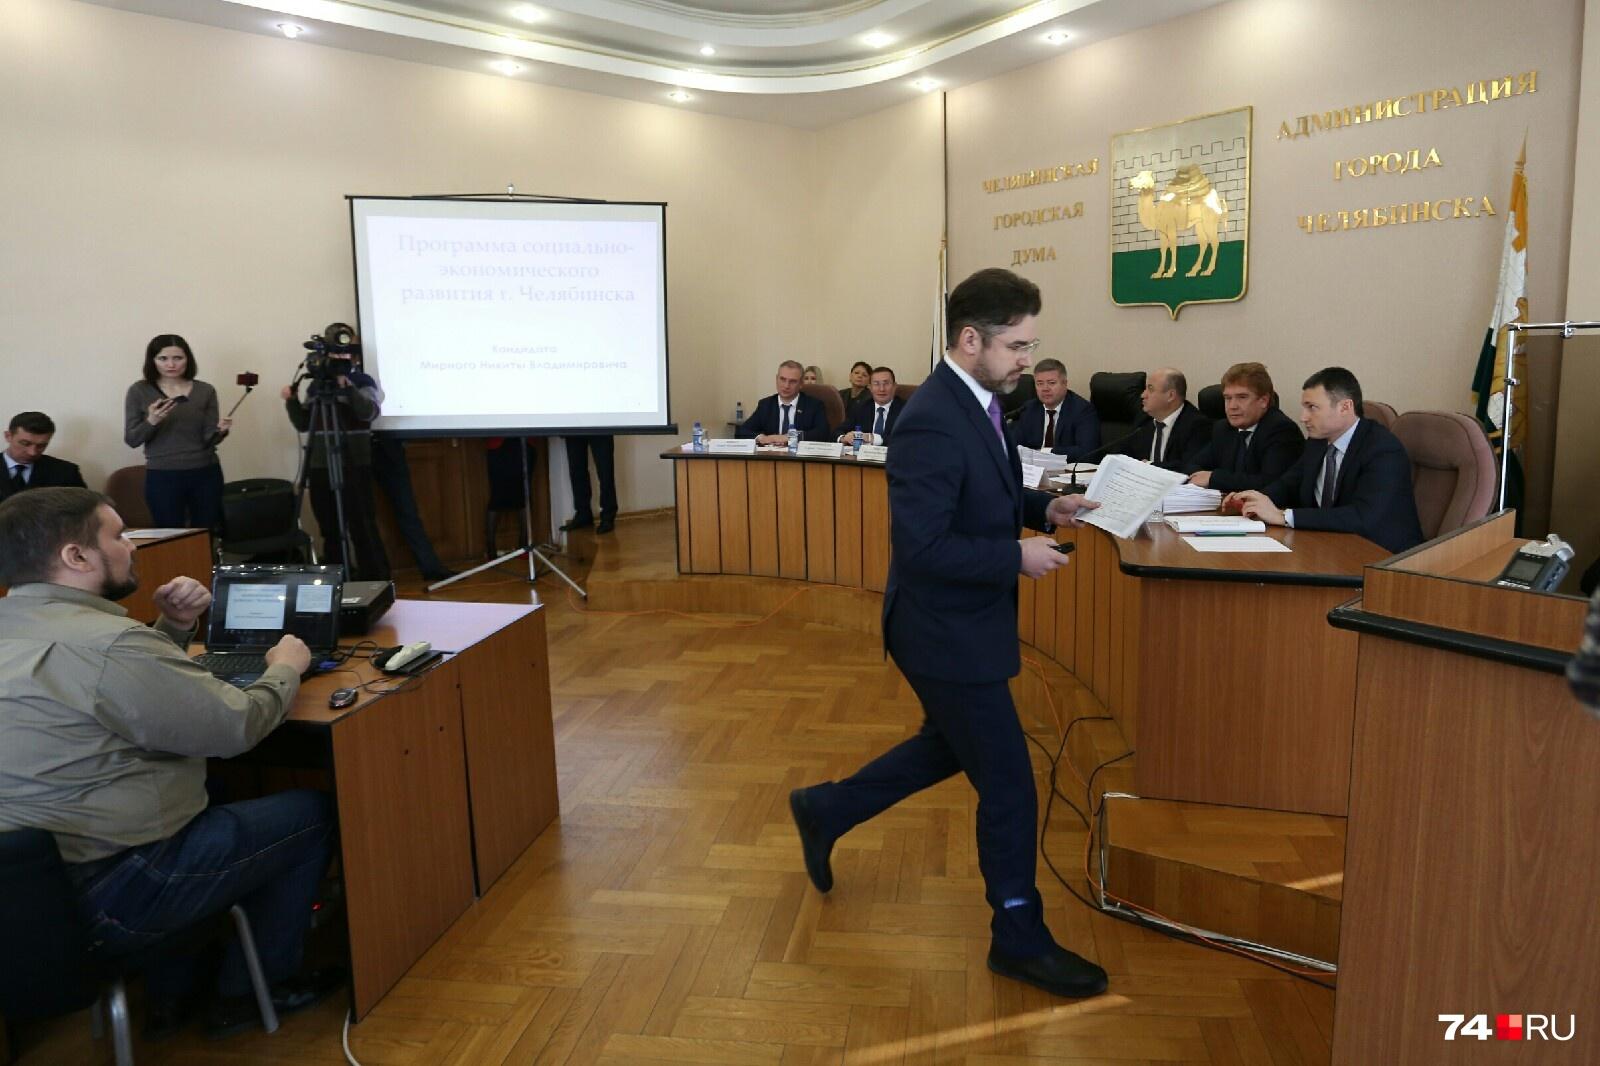 Никита Мирный приготовил большое и внятное выступление, но ему не дали разбежаться — регламент 5 минут